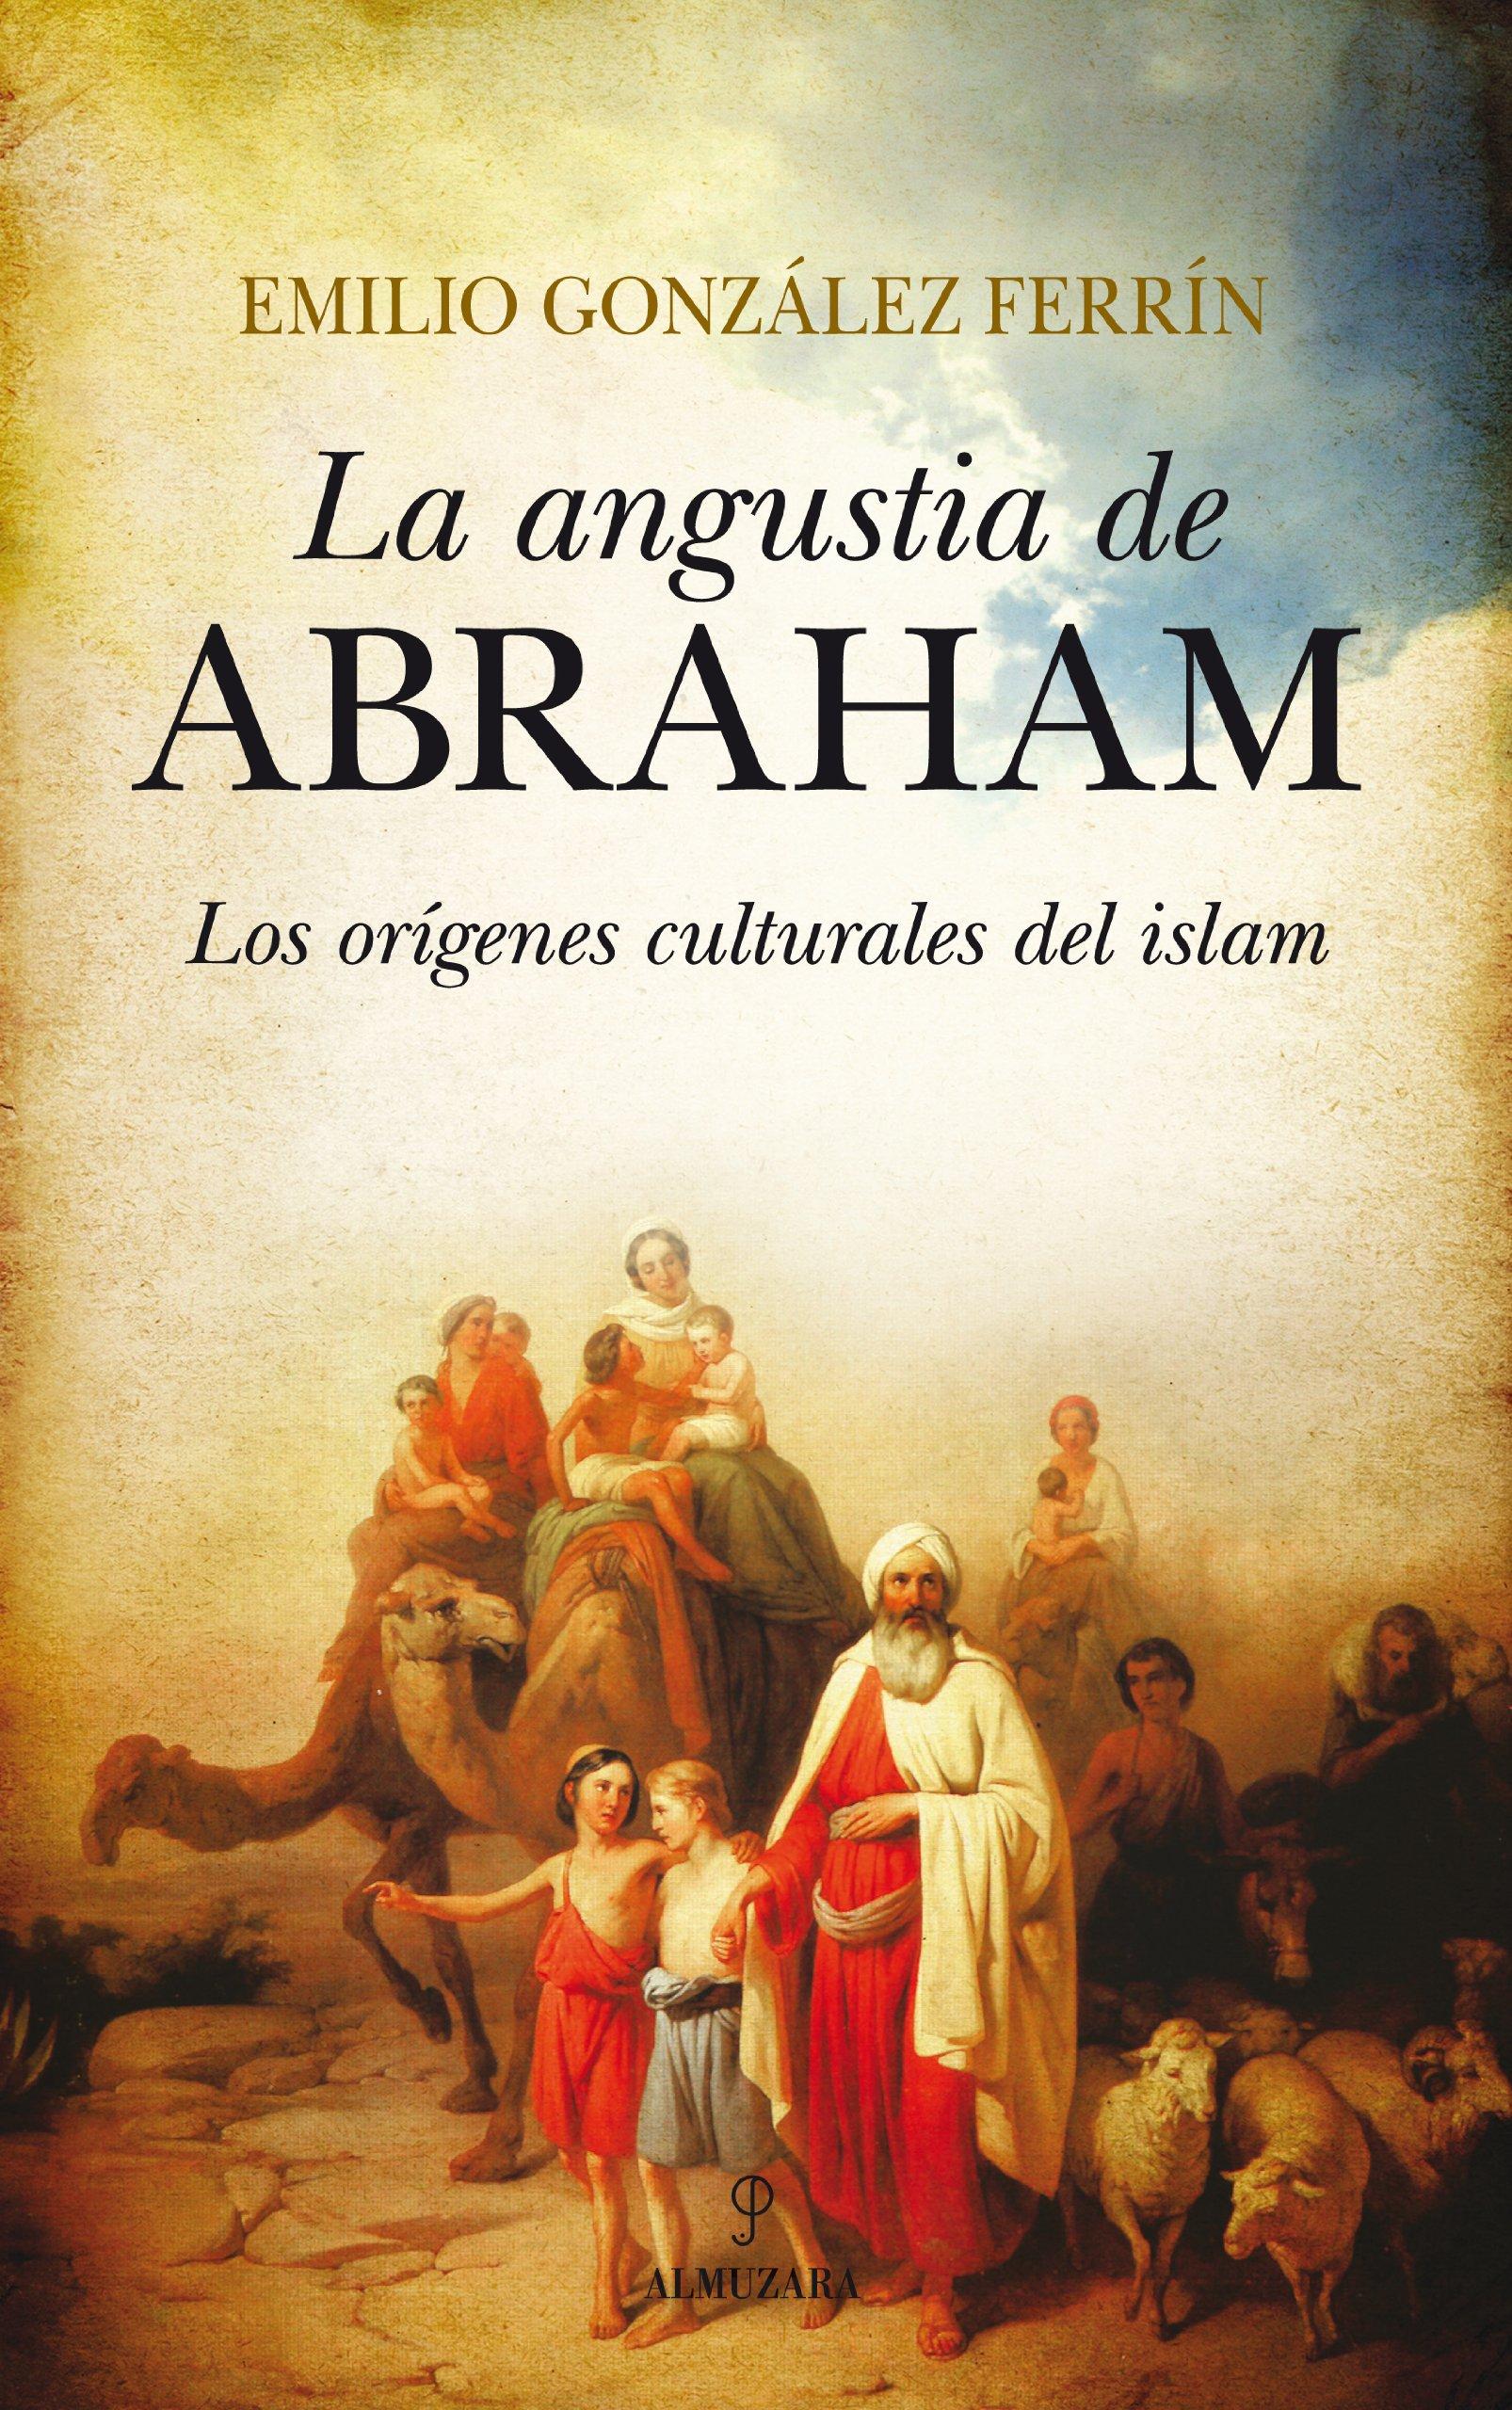 La angustia de Abraham: Los orígenes culturales del Islam Filosofía y pensamiento: Amazon.es: González Ferrín, Emilio: Libros